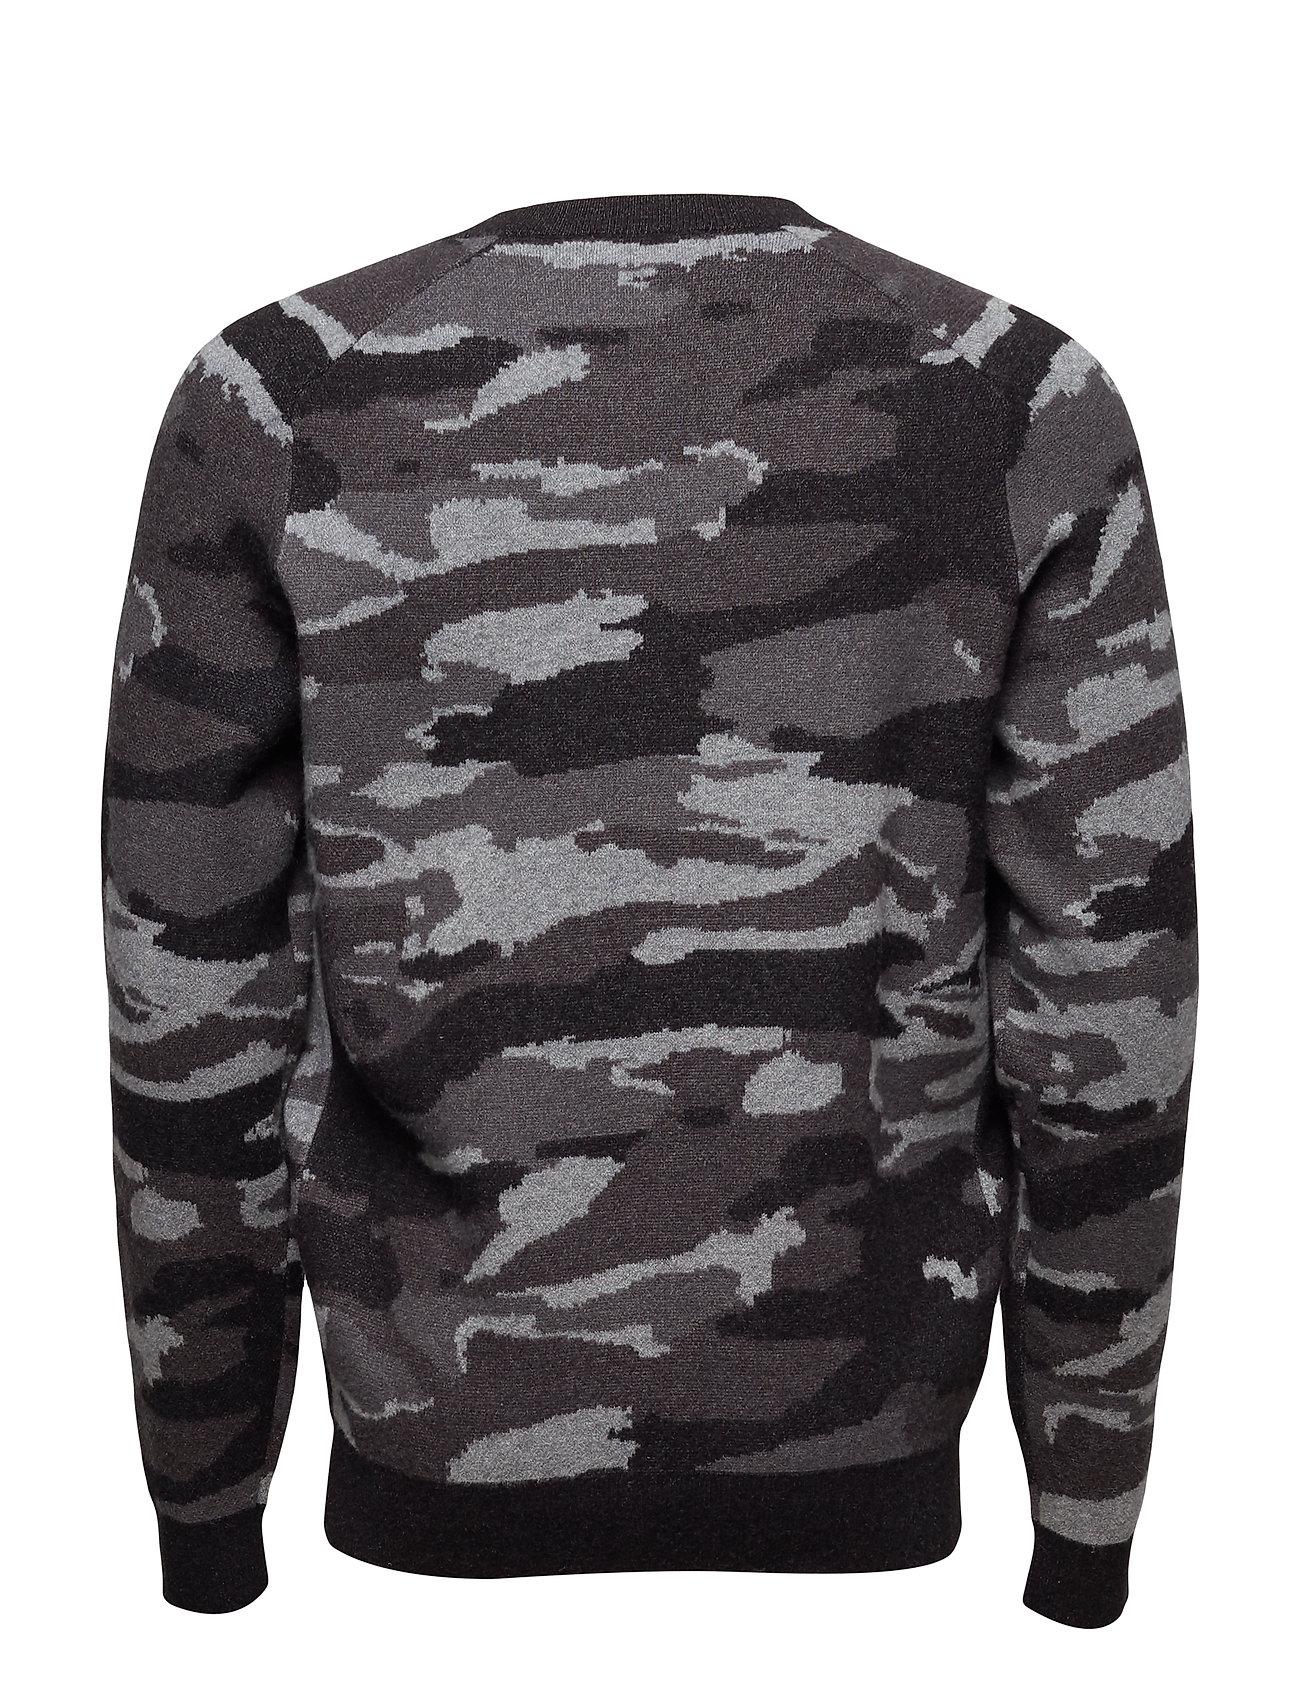 e78e3f759d11 ... Mango Man Camo print jacquard sweater sweater sweater Ögrönlar 969855